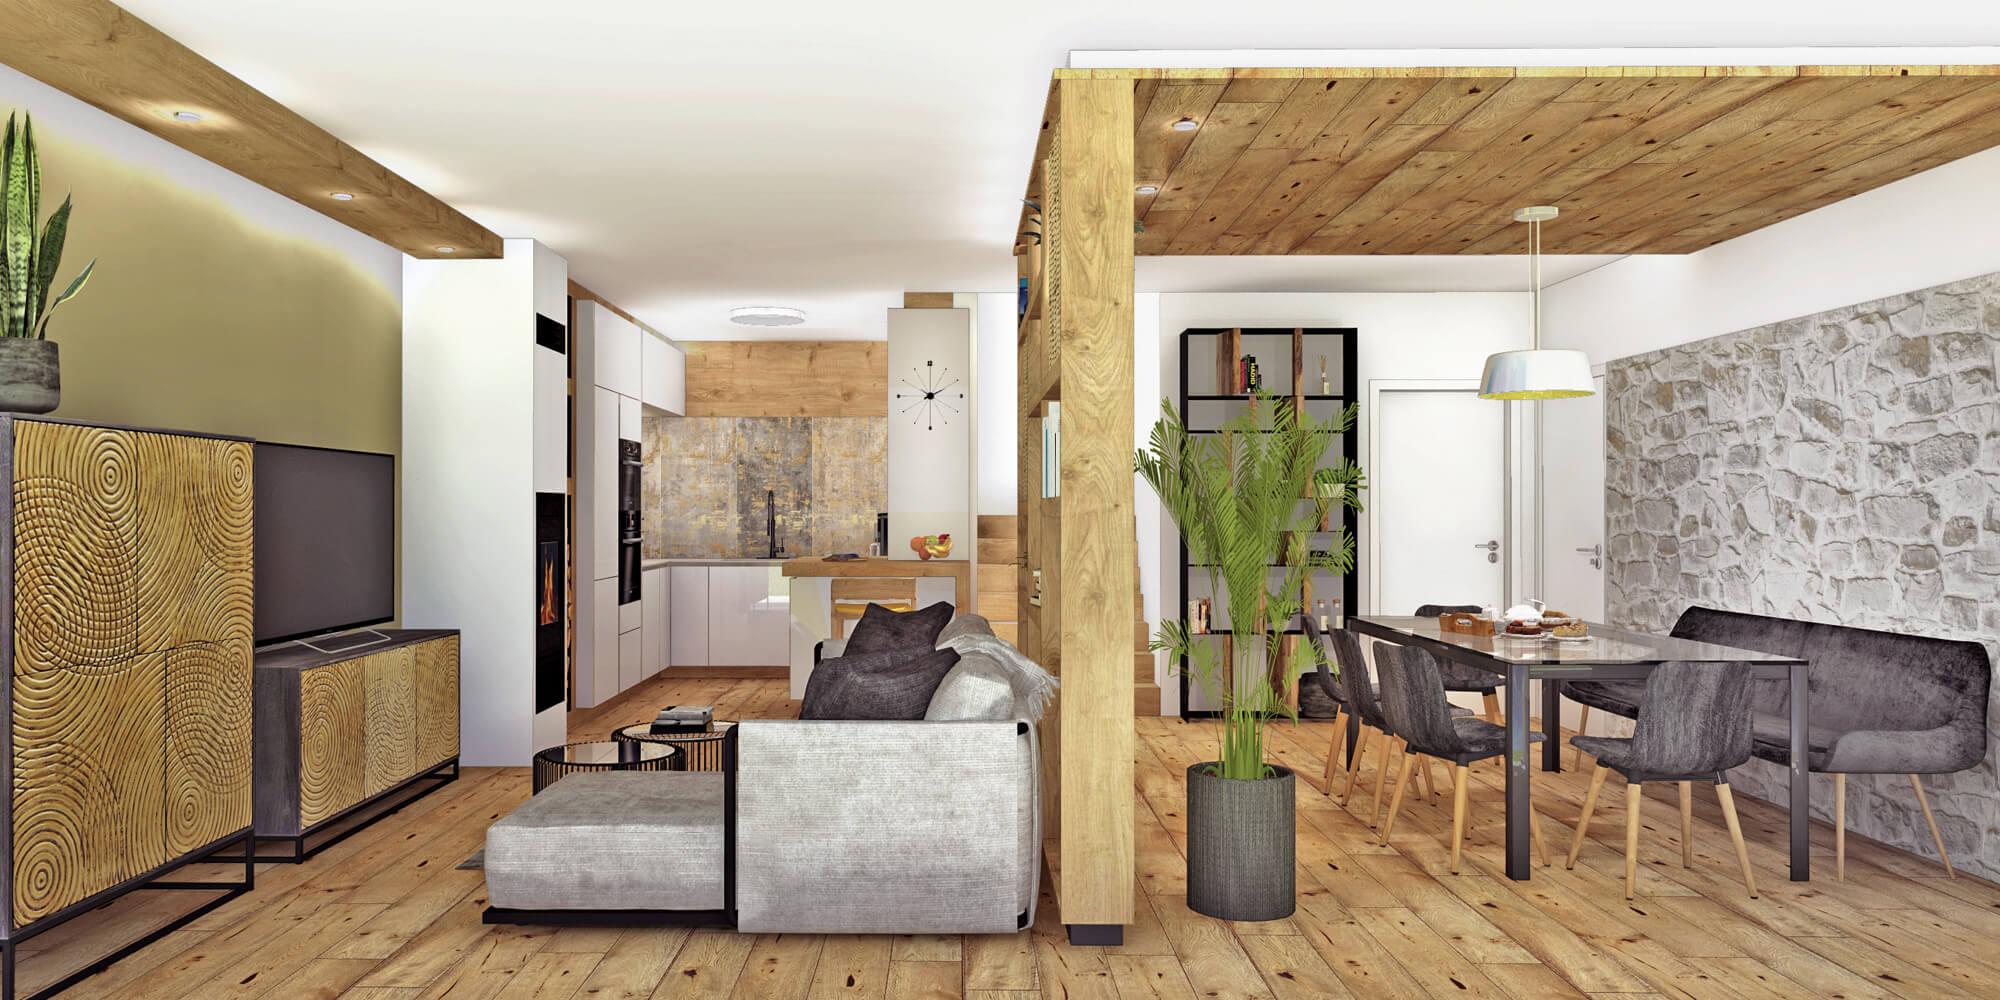 Cre-Plan-Design-Rauch-Frühmann-Architektur-Innenarchitektur-Design-Projekt-Referenz-Innenarchitektur-Möbeldesign-Einrichtung-Kochen-Essen-Top-8-2